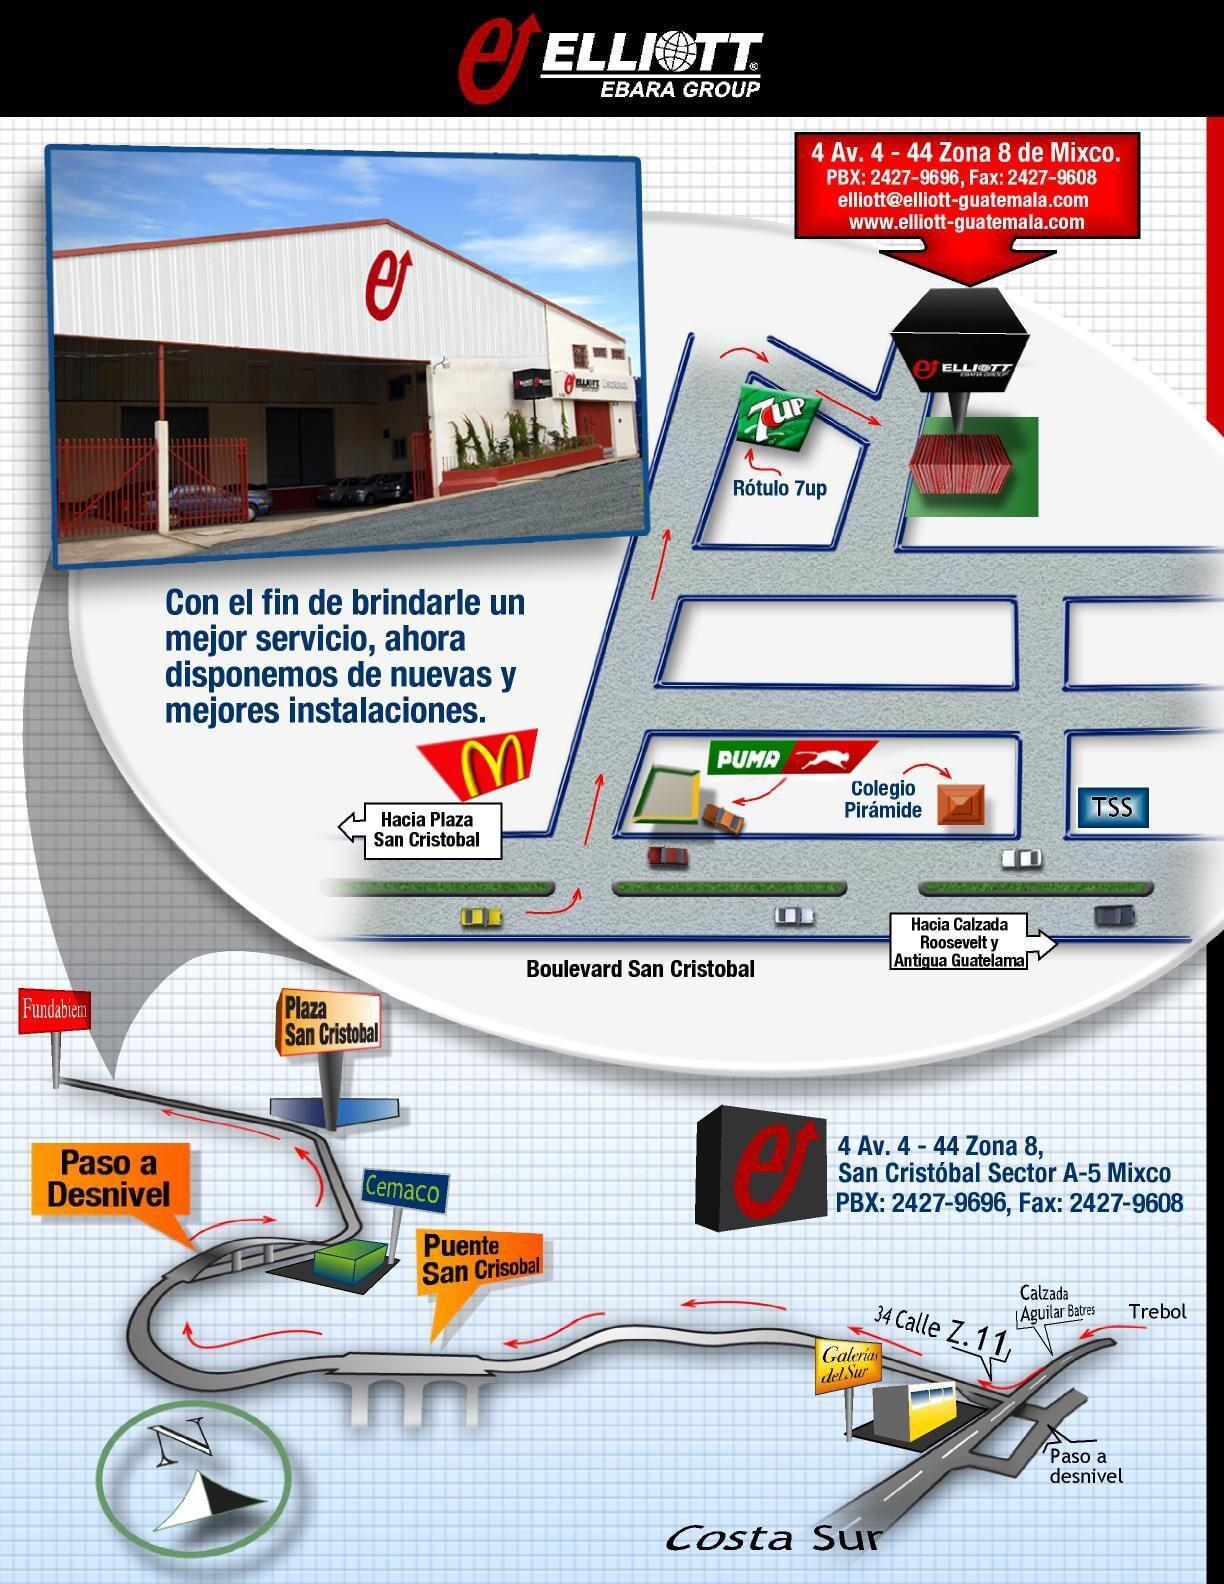 Elliott Turbocharger Guatemala - Contáctenos